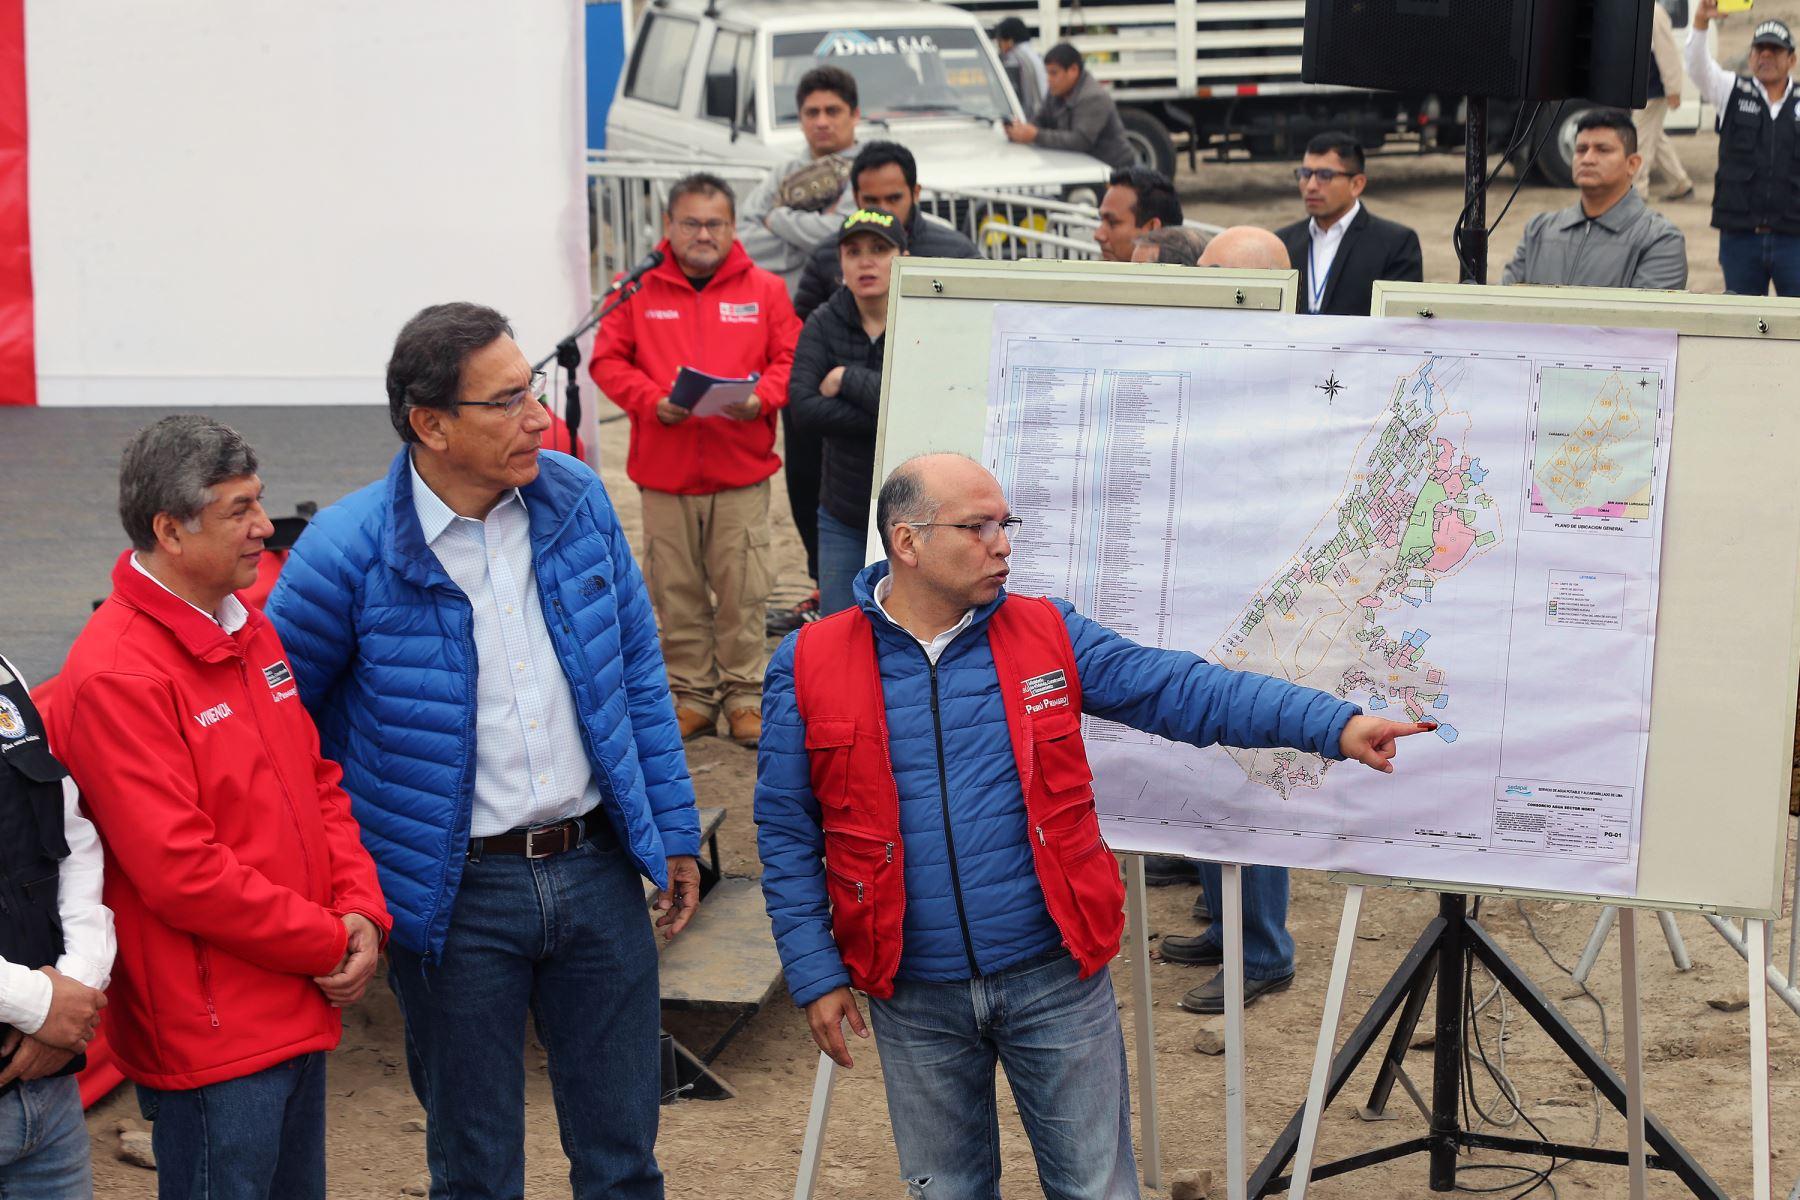 Presidente Martín Vizcarra anuncia ampliar y mejorar los sistemas de agua potable y alcantarillado en Carabayllo. Este proyecto esperado por más de 25 años, beneficiará a más de 140 mil ciudadanos .Foto: ANDINA/Norman Córdova